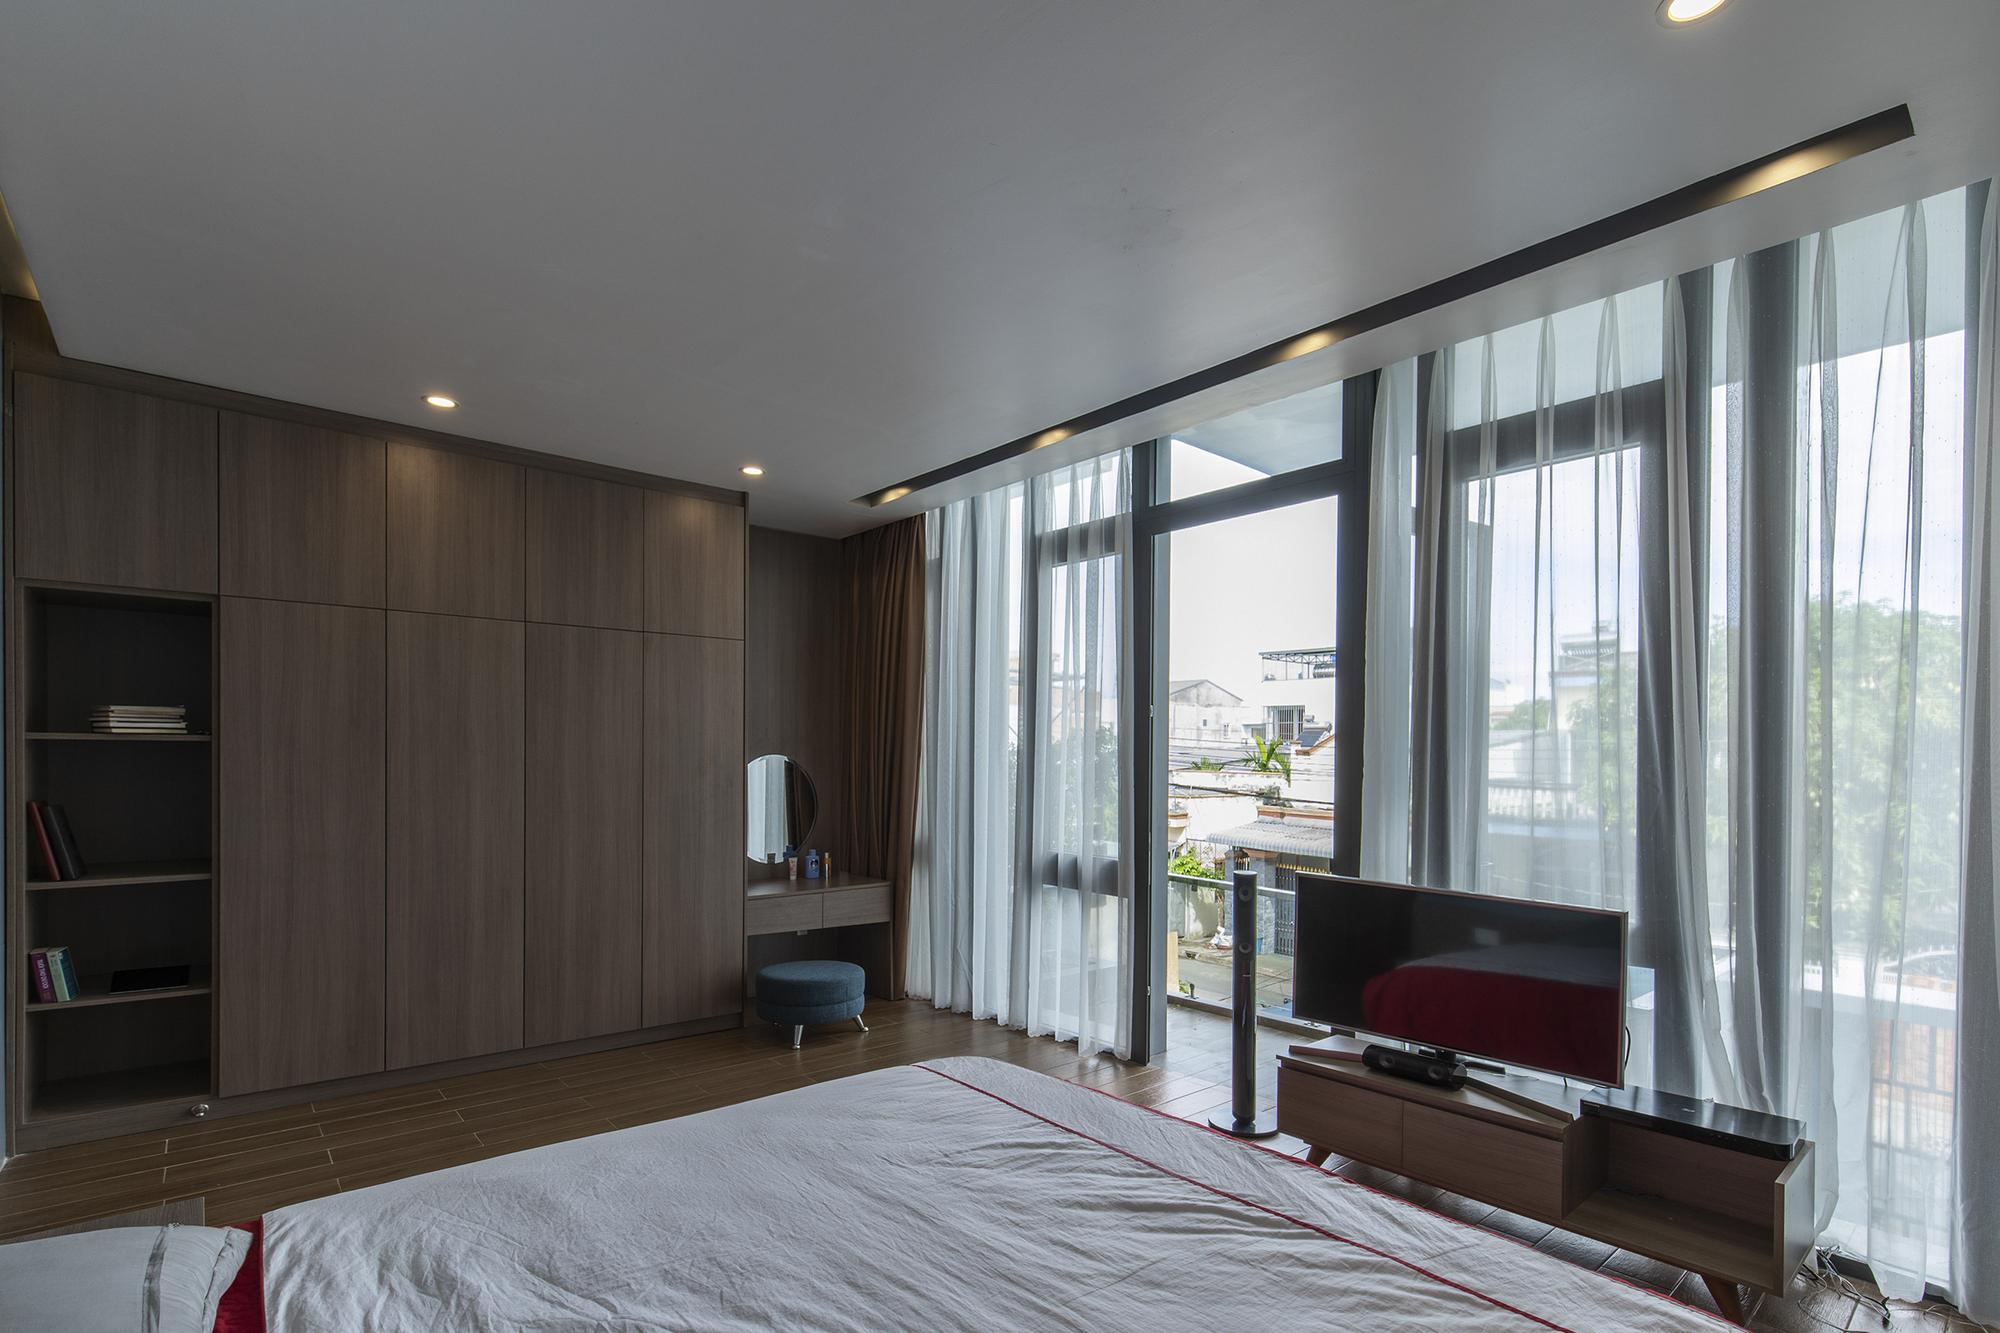 Phòng ngủ có cửa kính rập, view thoáng